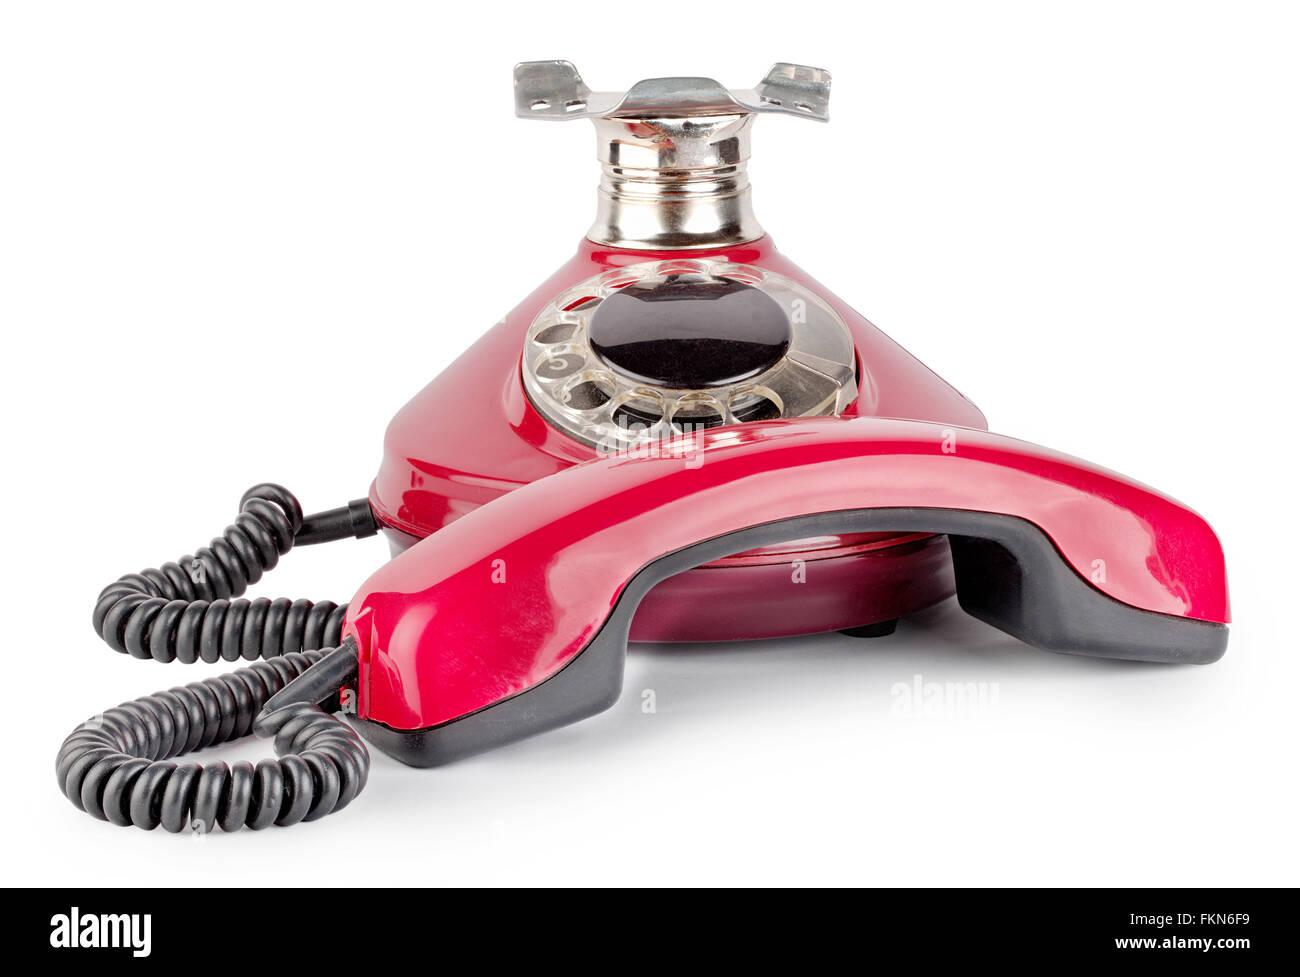 Rosso Antico Telefono Sganciato Isolati Su Sfondo Bianco Foto